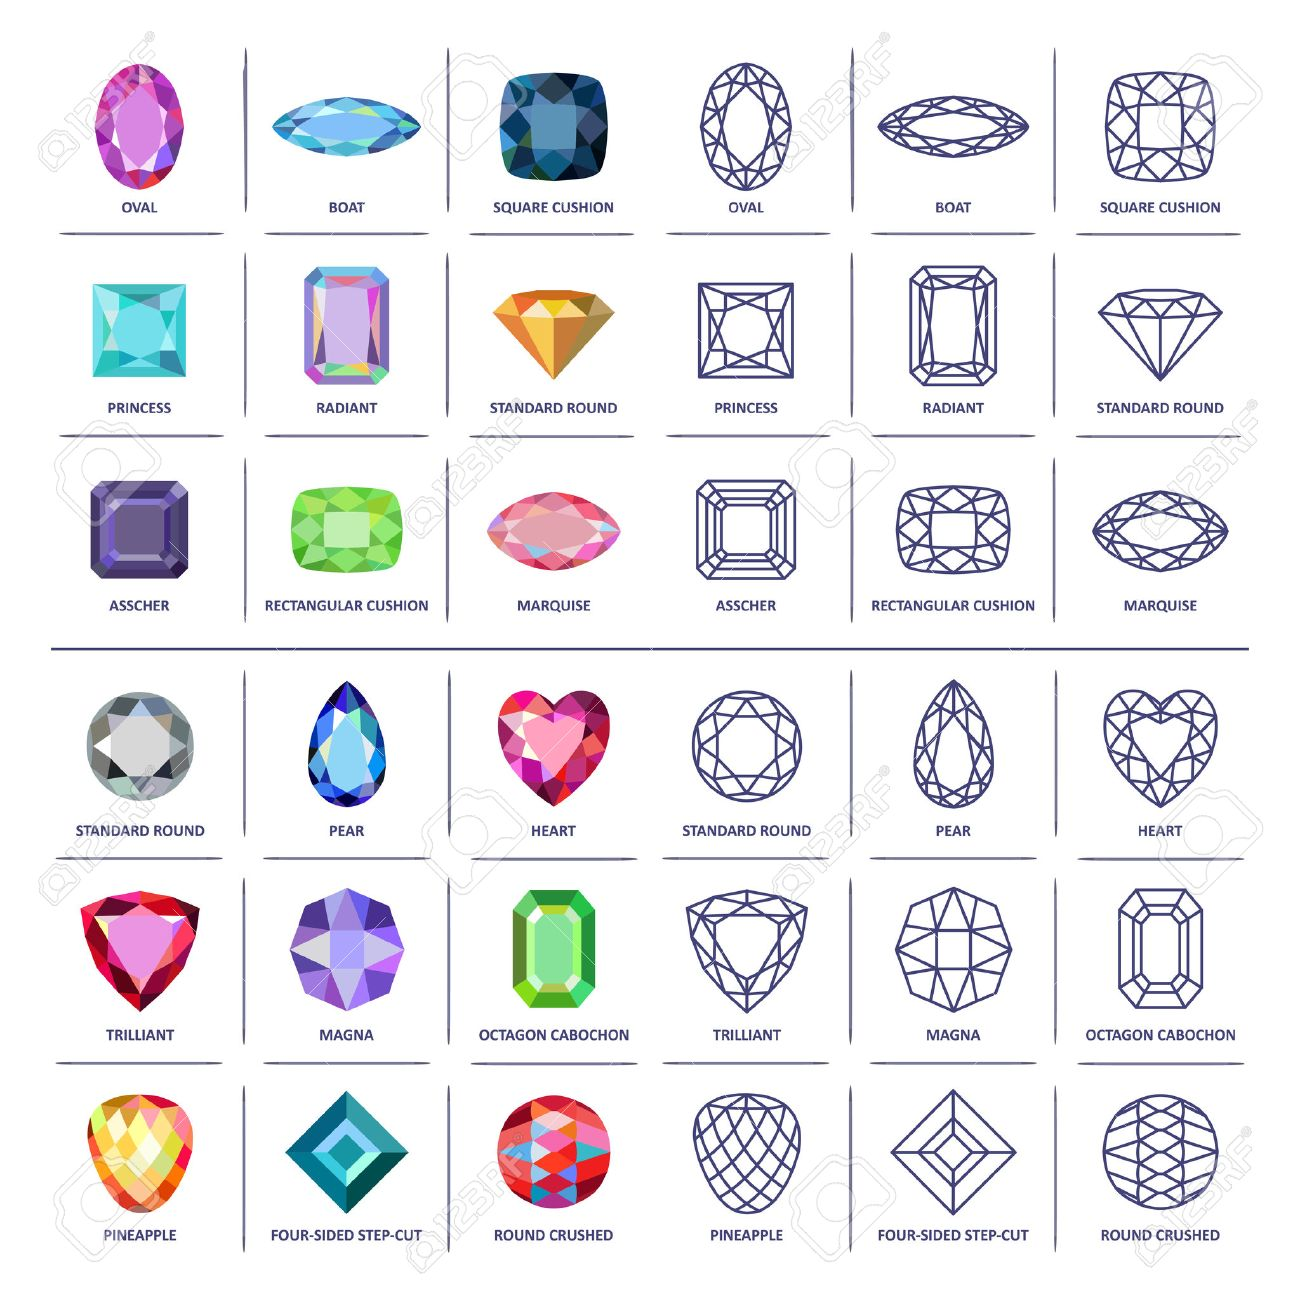 低ポリ人気色青写真概要宝石宝石カット イラスト白背景に分離した